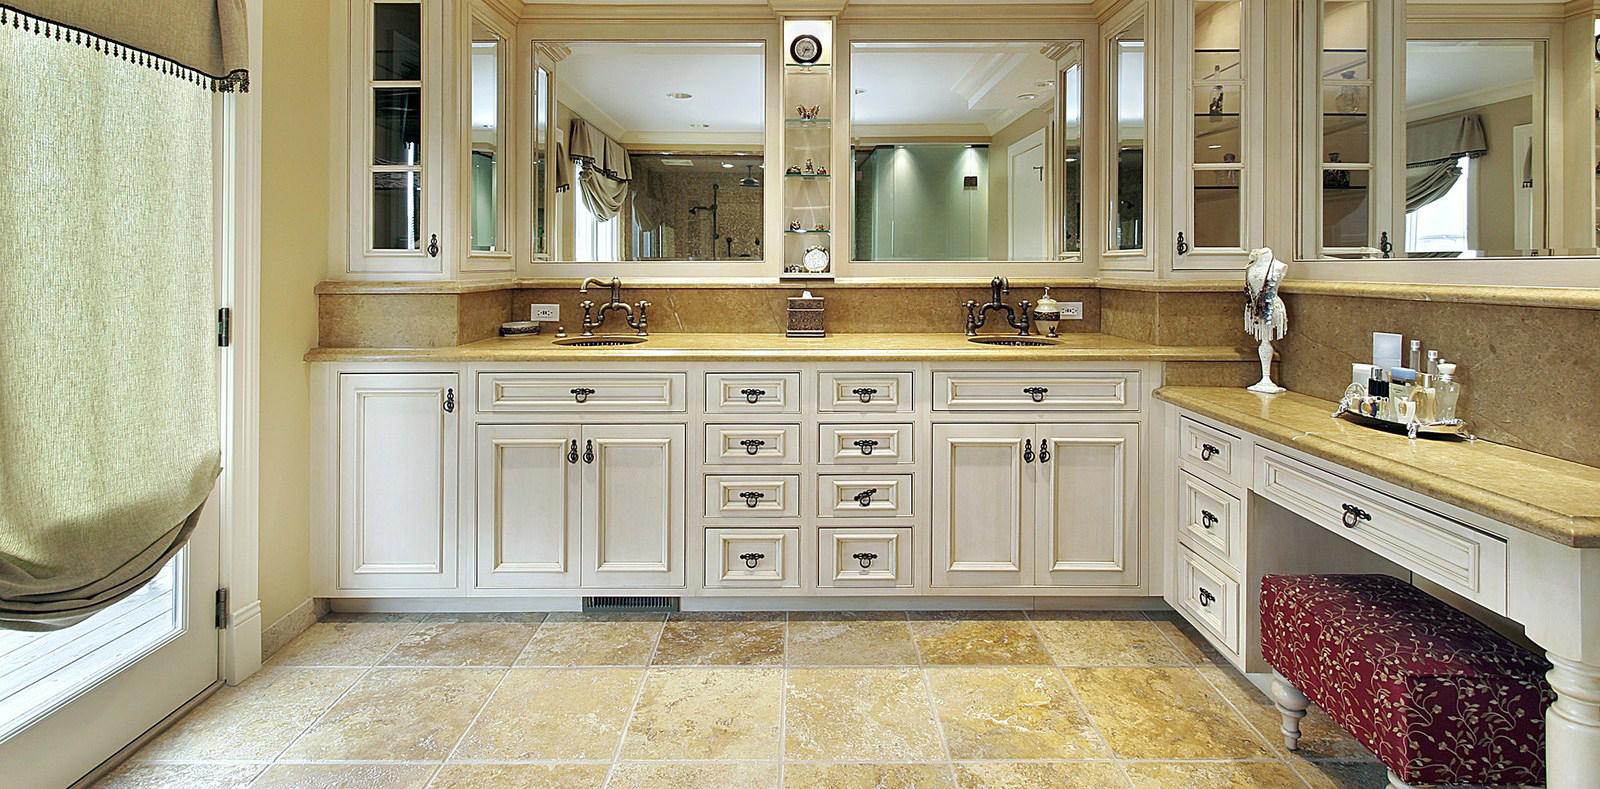 granite kitchen worktop kitchen granite countertops Kitchen Cleanliness Granite Worktops Makes Easy Cleaning My